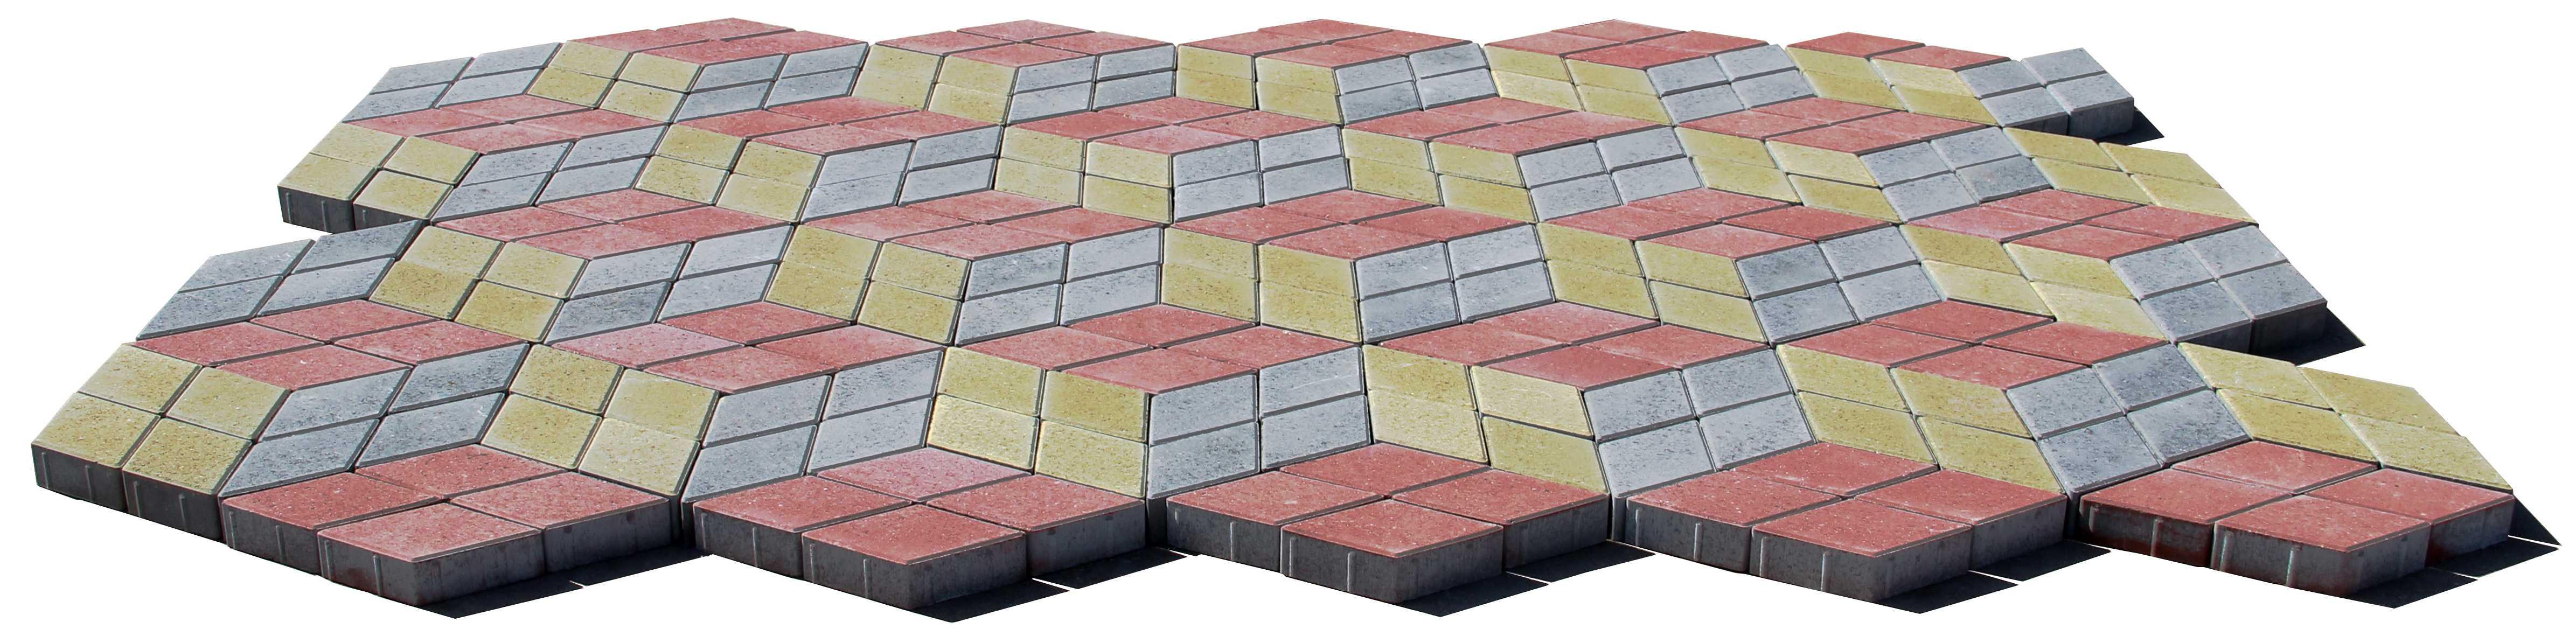 Плитка тротуарная 255×152×60 мм (цвет серый) - ЗАВОД КЕРАМЗИТОВОГО ГРАВИЯ